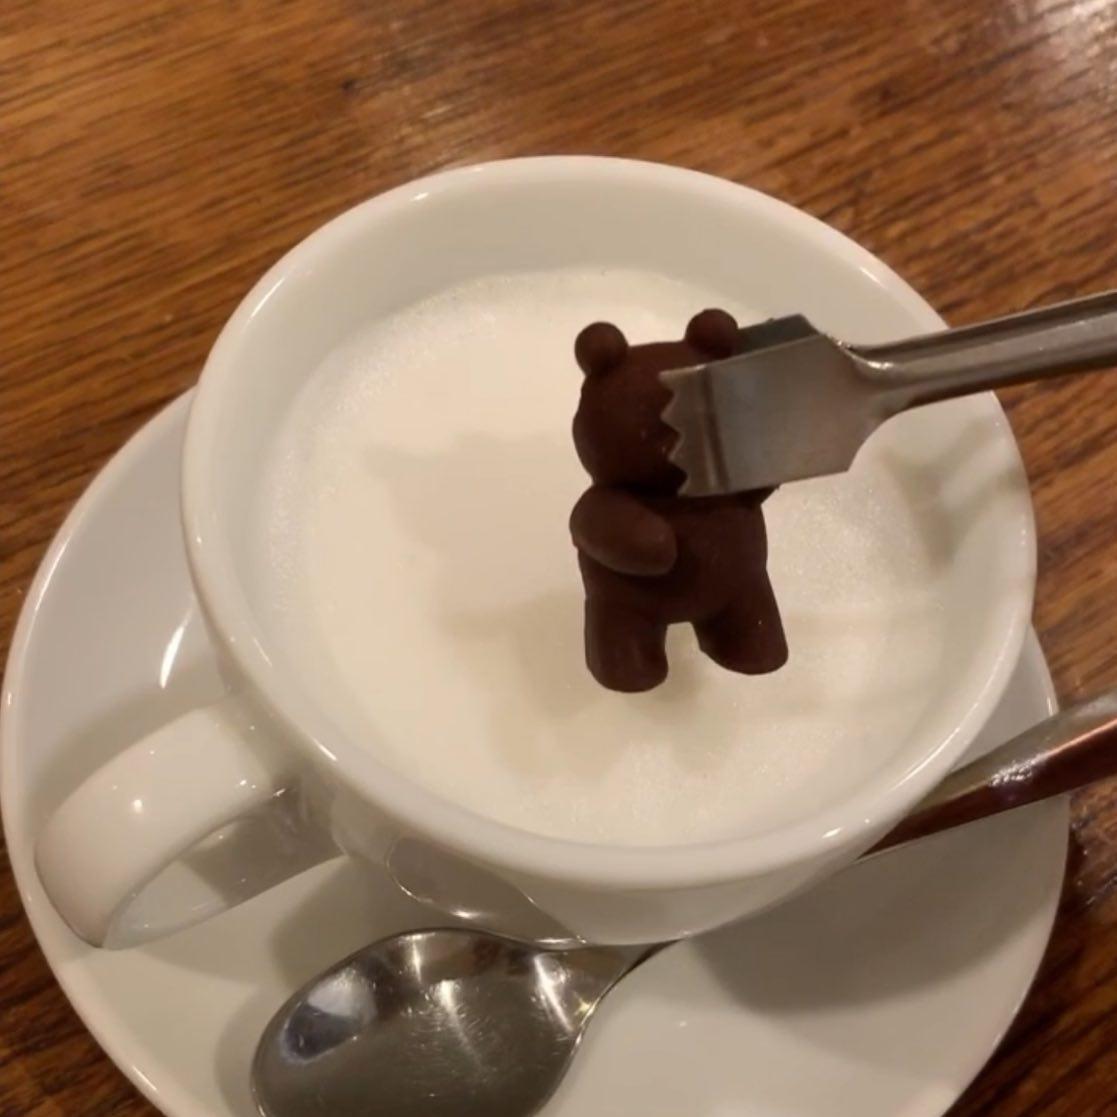 顔つかみ️こんにちは^_^FIKACOFFEEエリカです!くまチョコミルクは顔面つかむとくまちゃんの可愛いお顔が‥ぜひお腹をつかんでくださいませ♡さて今日も18時閉店でございますFIKA COFFEE(フィーカ コーヒー)福岡県福岡市博多区下川端町3-1 博多リバレイン1FTEL0922926601営業時間→平日9:00〜20:00  土日祝9:00〜18:00店休日→不定休(早く閉めたり休んだりすることもあります。お許しください)#cafe#coffee#fika#fikacoffee#福岡#福岡グルメ#福岡カフェ#博多#博多カフェ#中洲#博多座#福岡アジア美術館#クッキー#cookie#くまチョコミルク#ランチ#ティラミス#フレンチトースト#ummp#うむぷ